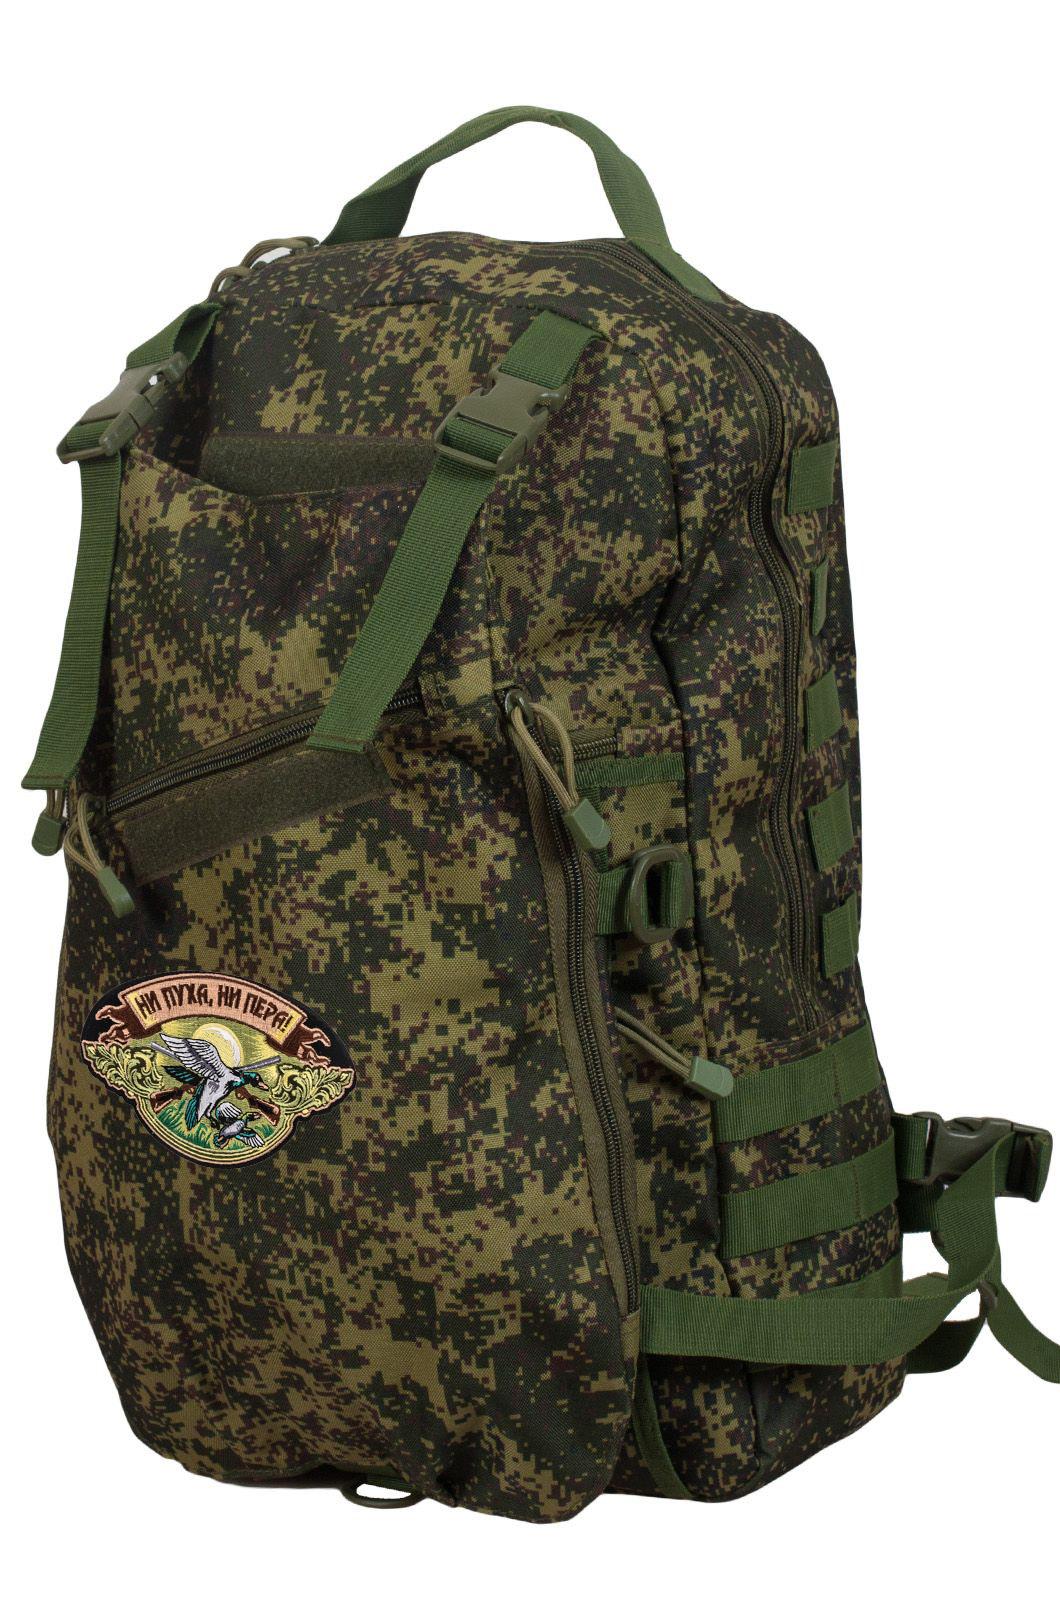 Купить надежный мужской рюкзак с нашивкой Ни Пуха ни Пера с доставкой или самовывозом